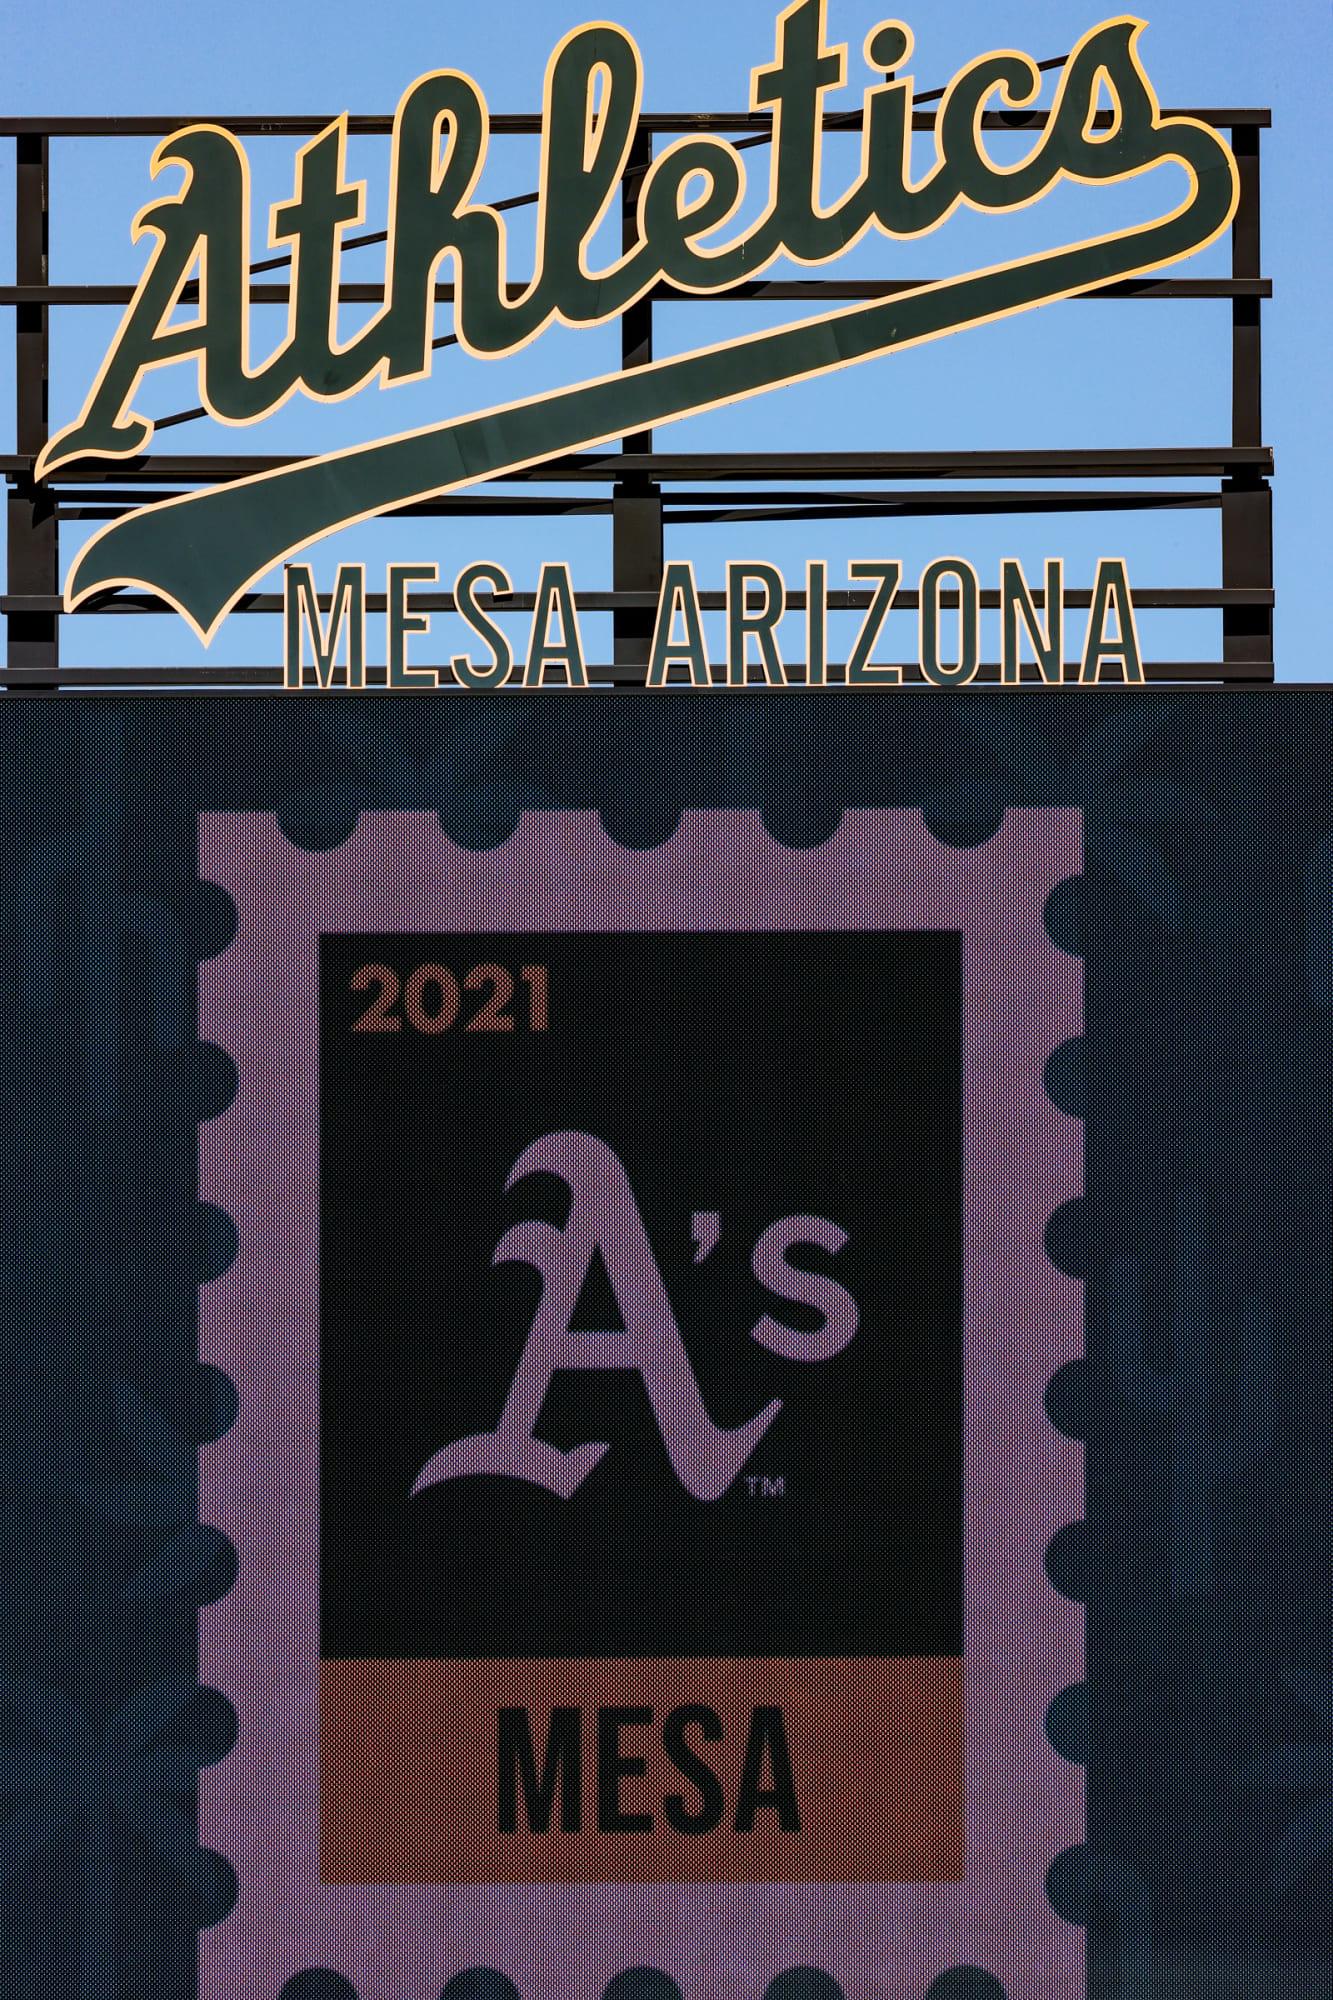 Oakland A's preparing list of potential stadium sites in Las Vegas